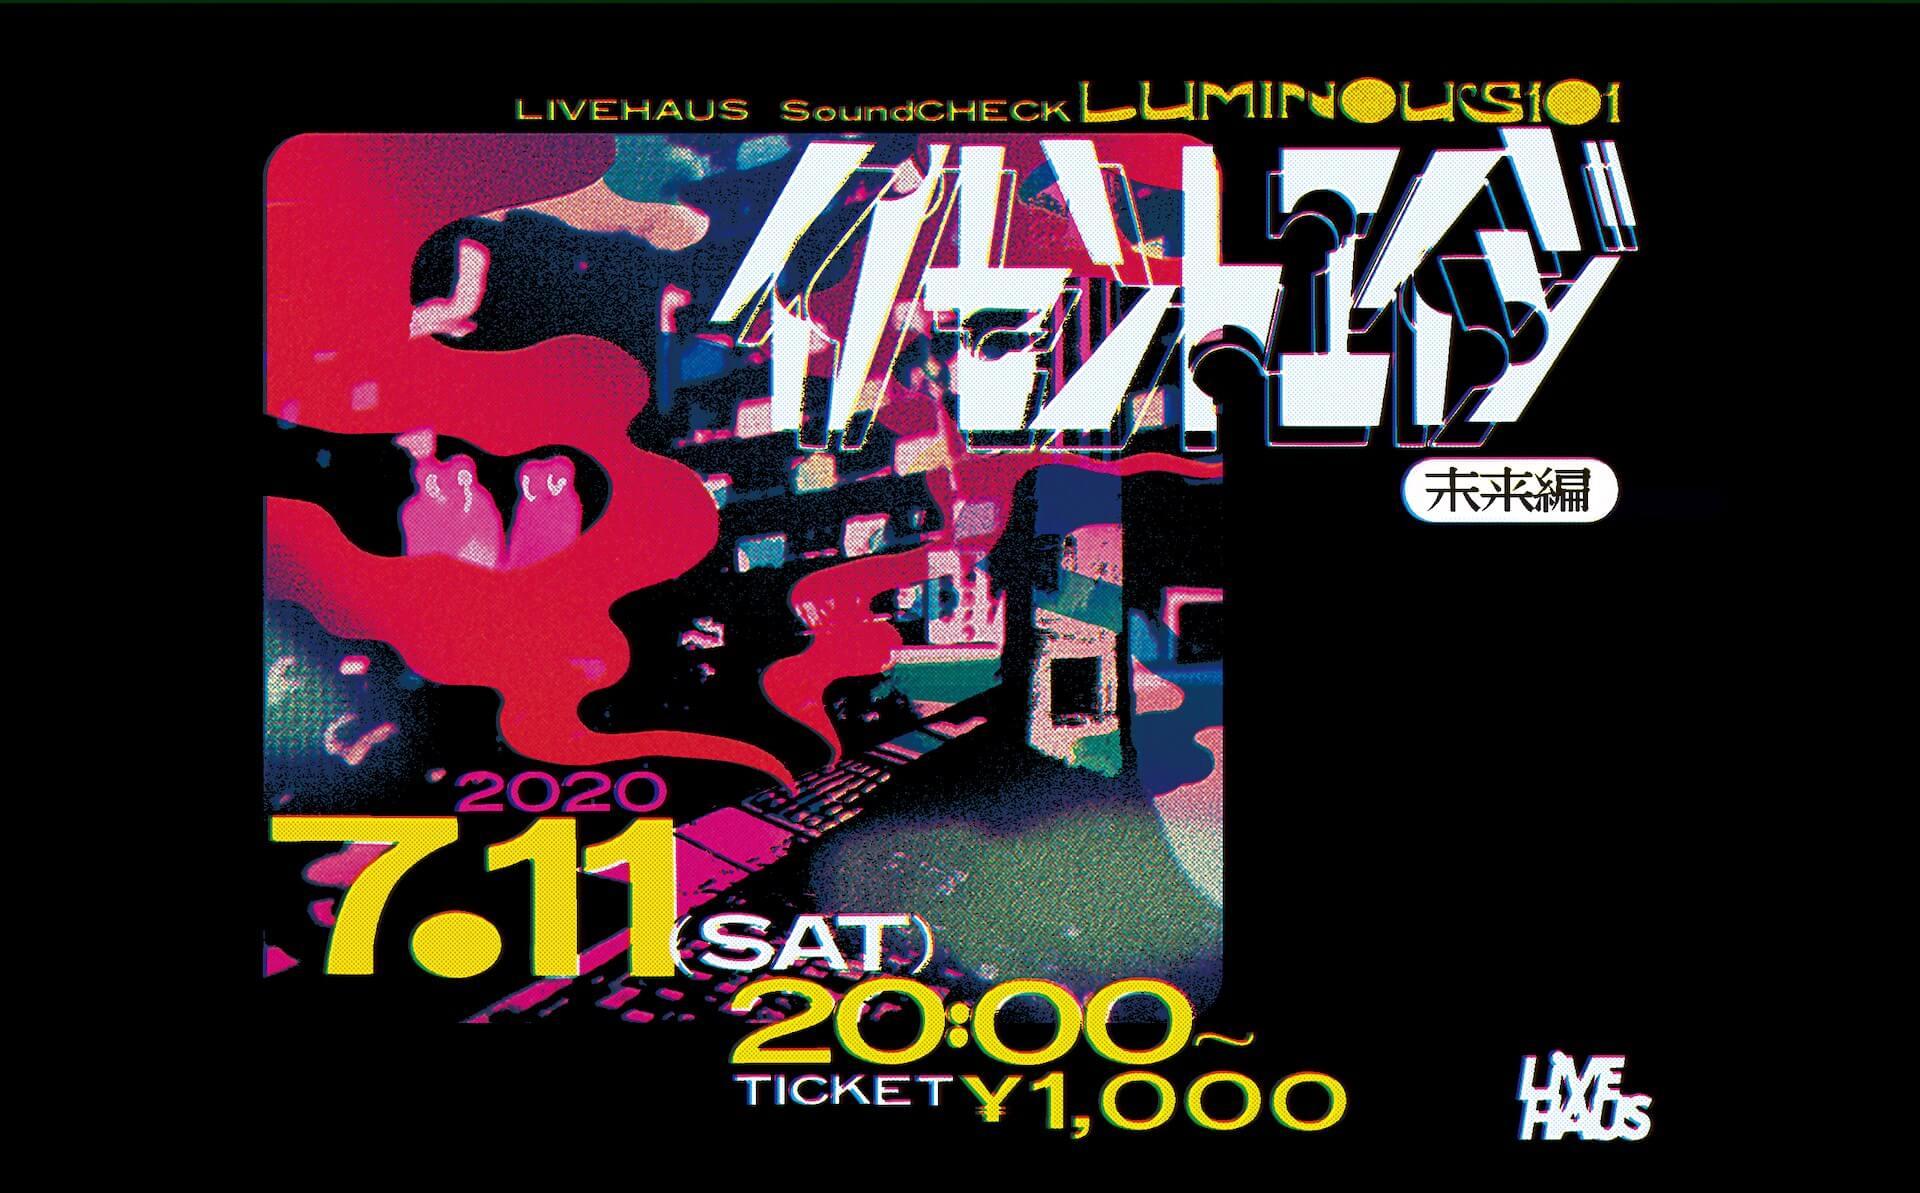 """Luminous101が7インチシングル""""namari/CLK""""をリリース!下北沢LIVEHAUSで収録されたライブの模様も配信 music200706luminous101_03"""